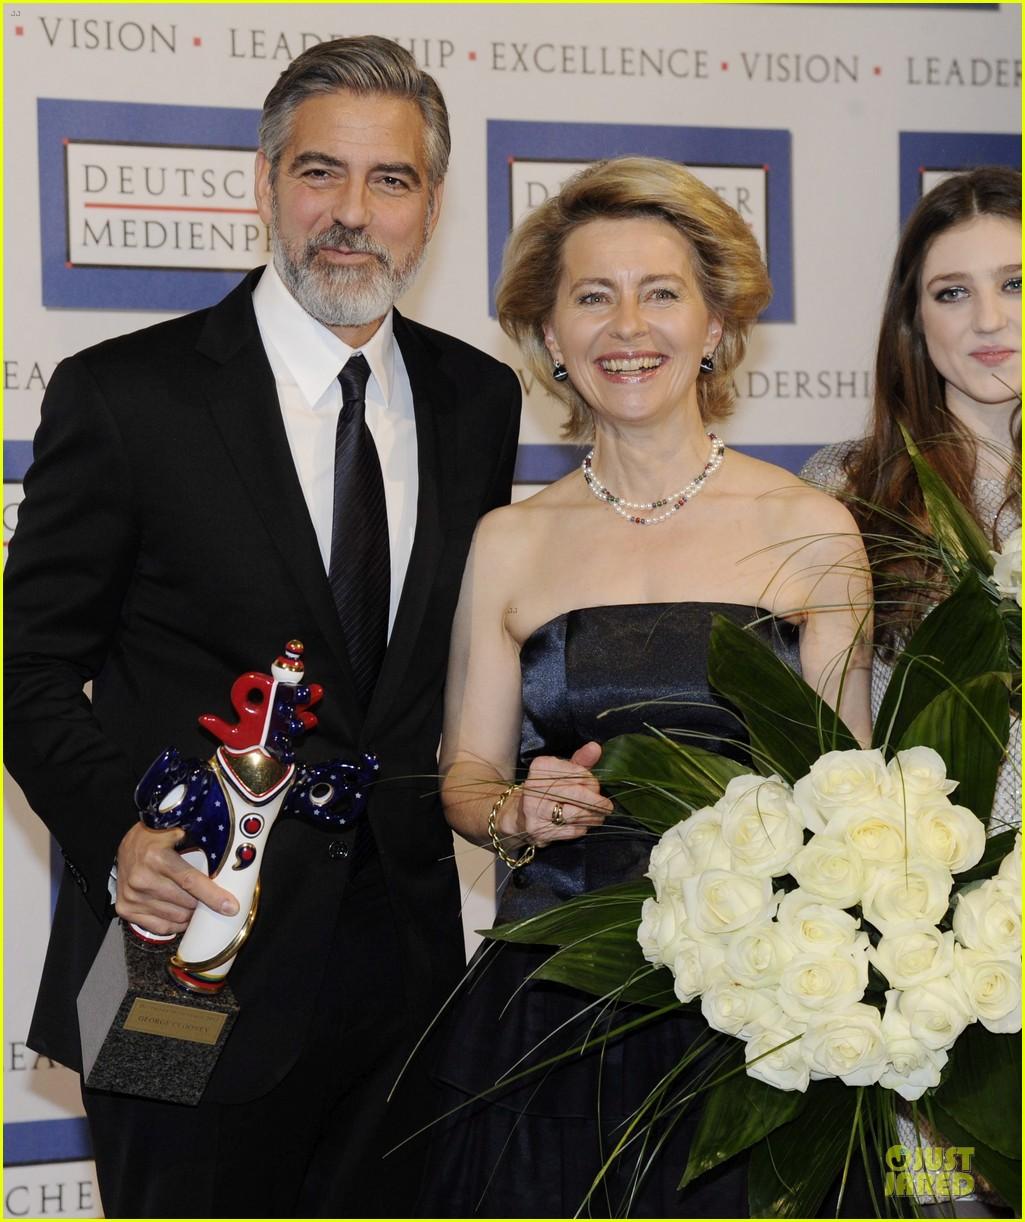 george clooney deutscher medienpreis award honoree 092821437